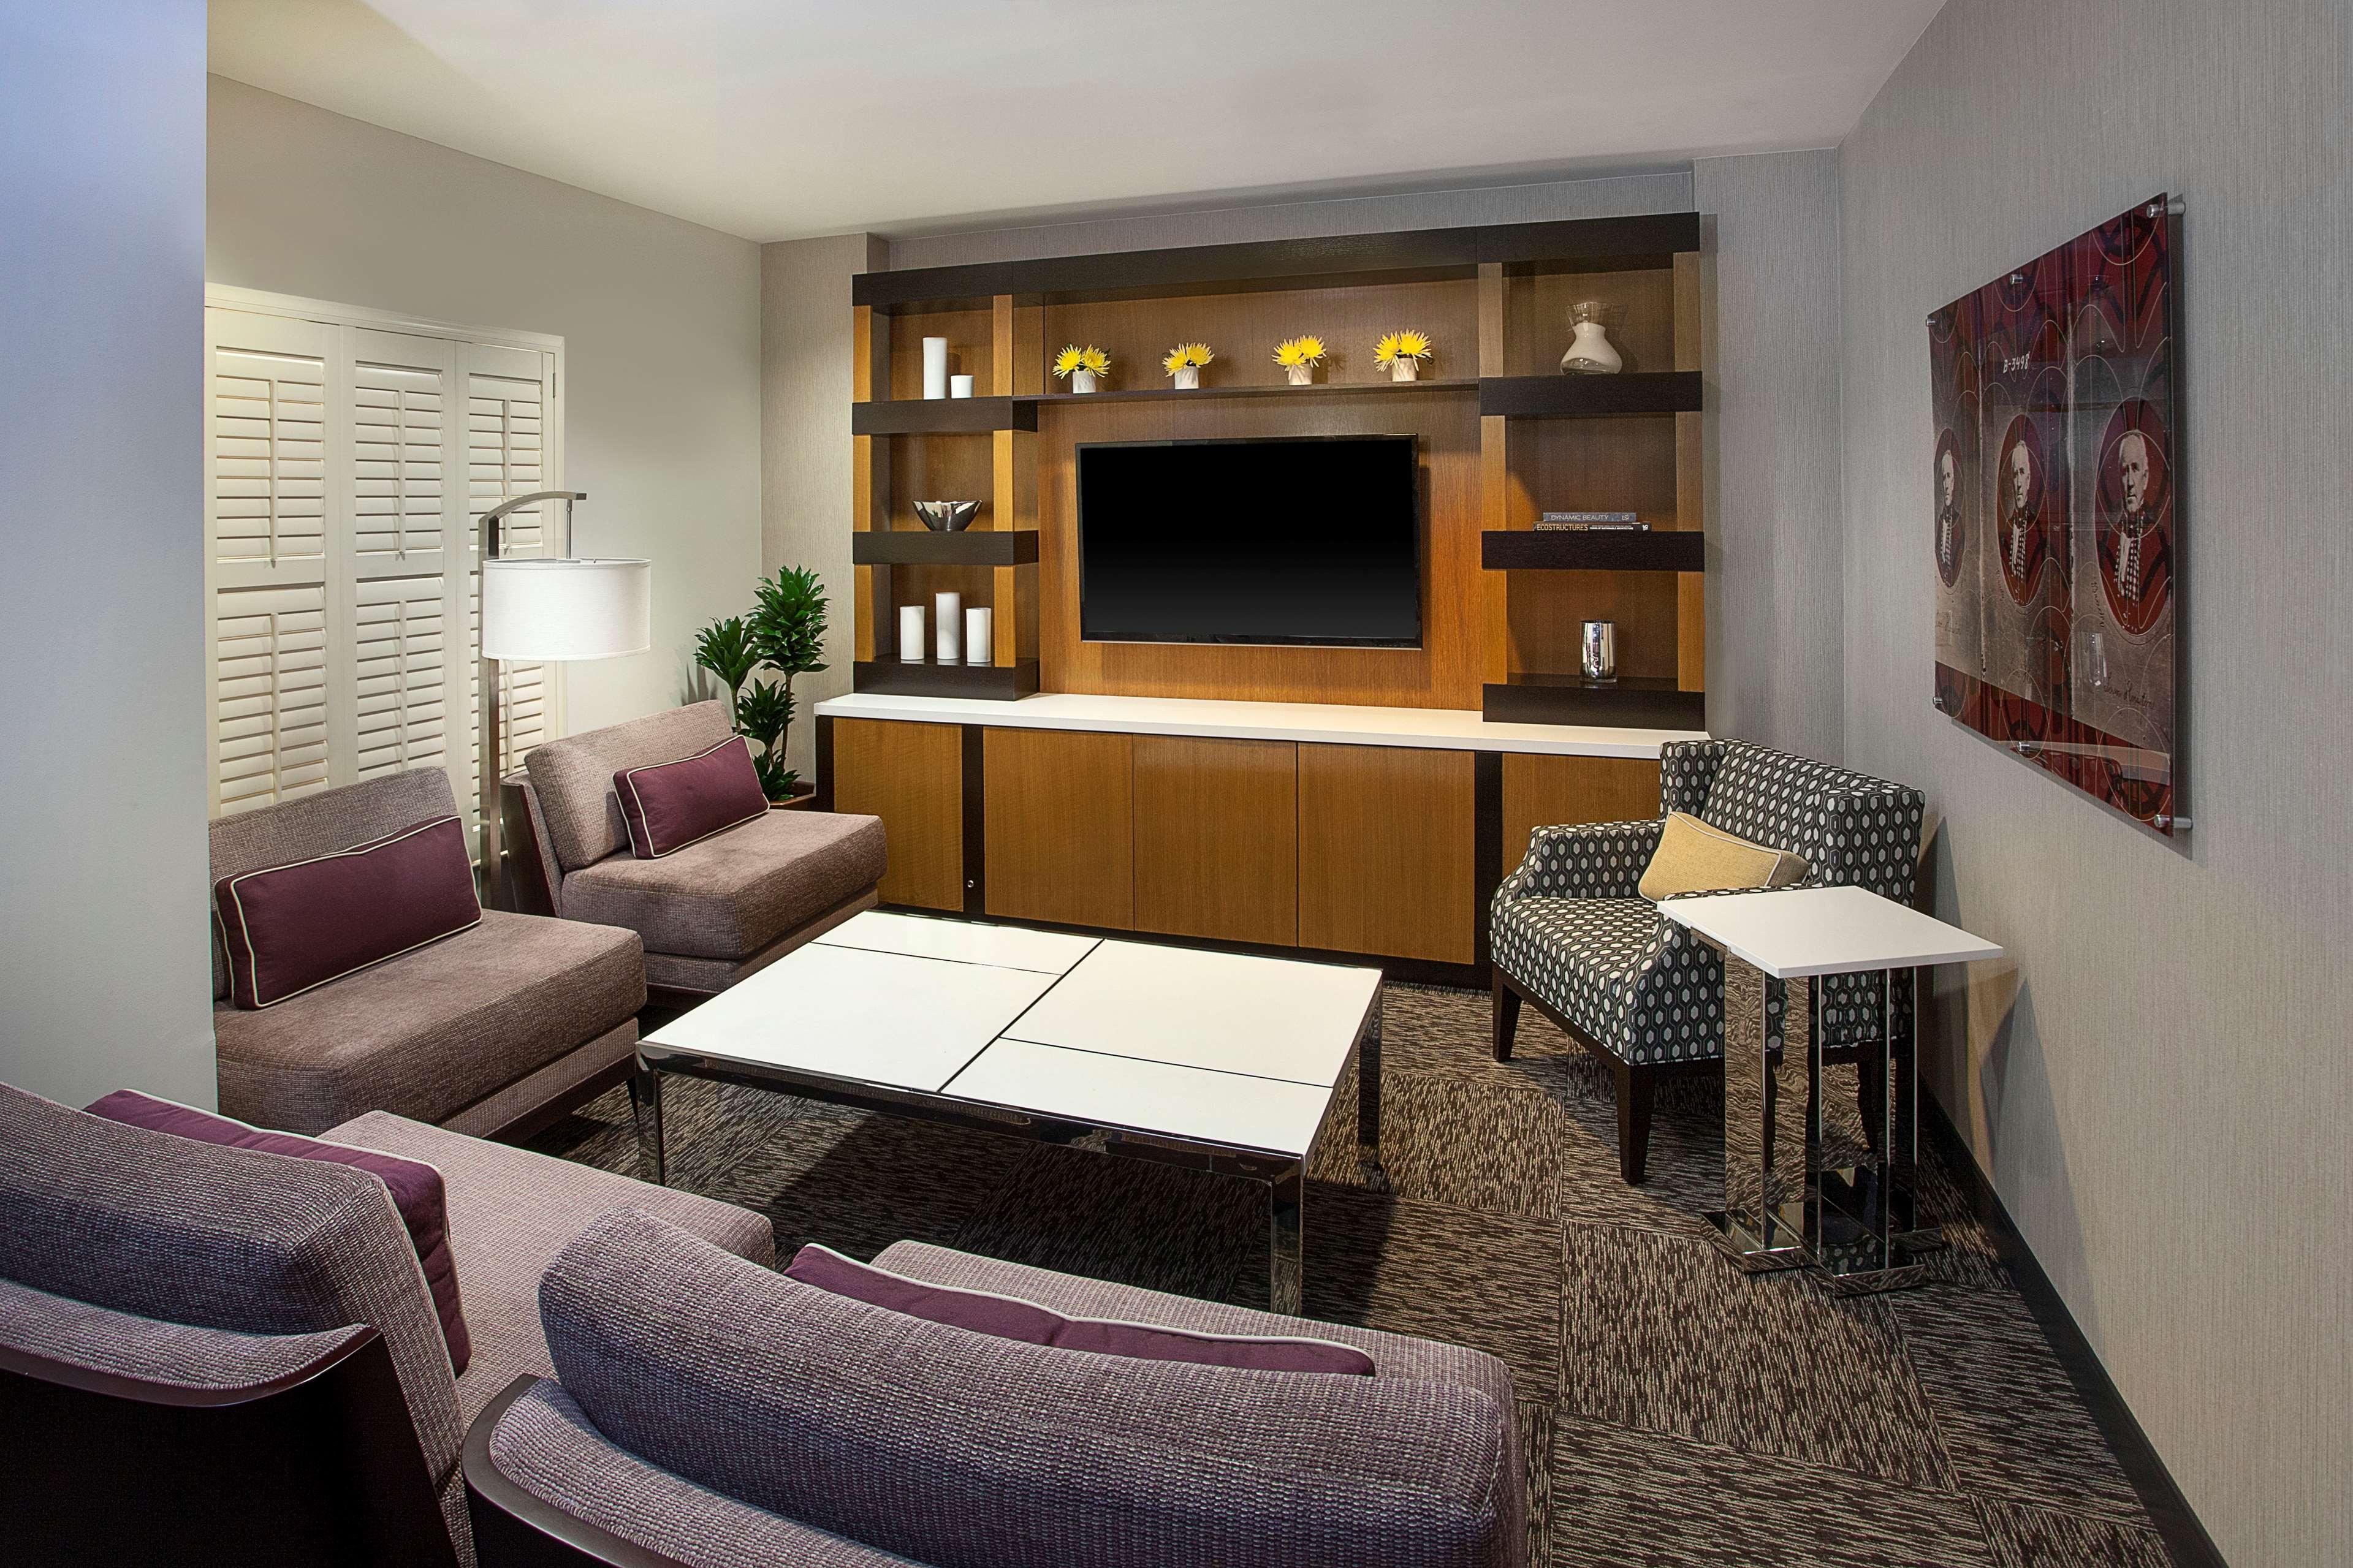 Sheraton Suites Houston Near The Galleria image 10